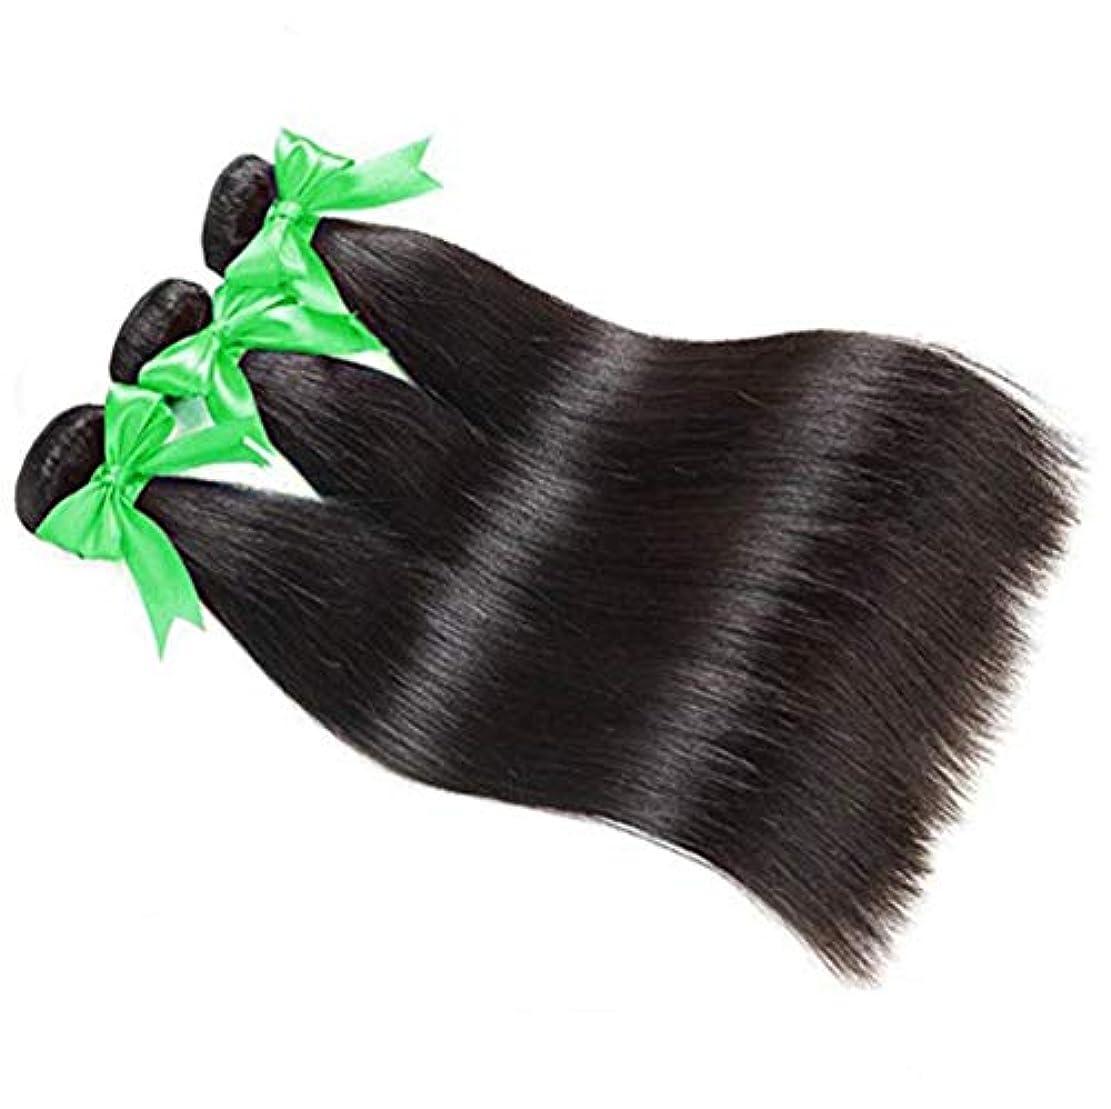 管理者影のある風邪をひく女性ストレート人間の髪の毛1バンドル100%未処理の絹のようなストレートバージン人間の髪の毛の束ダブル横糸ソフトと太い髪